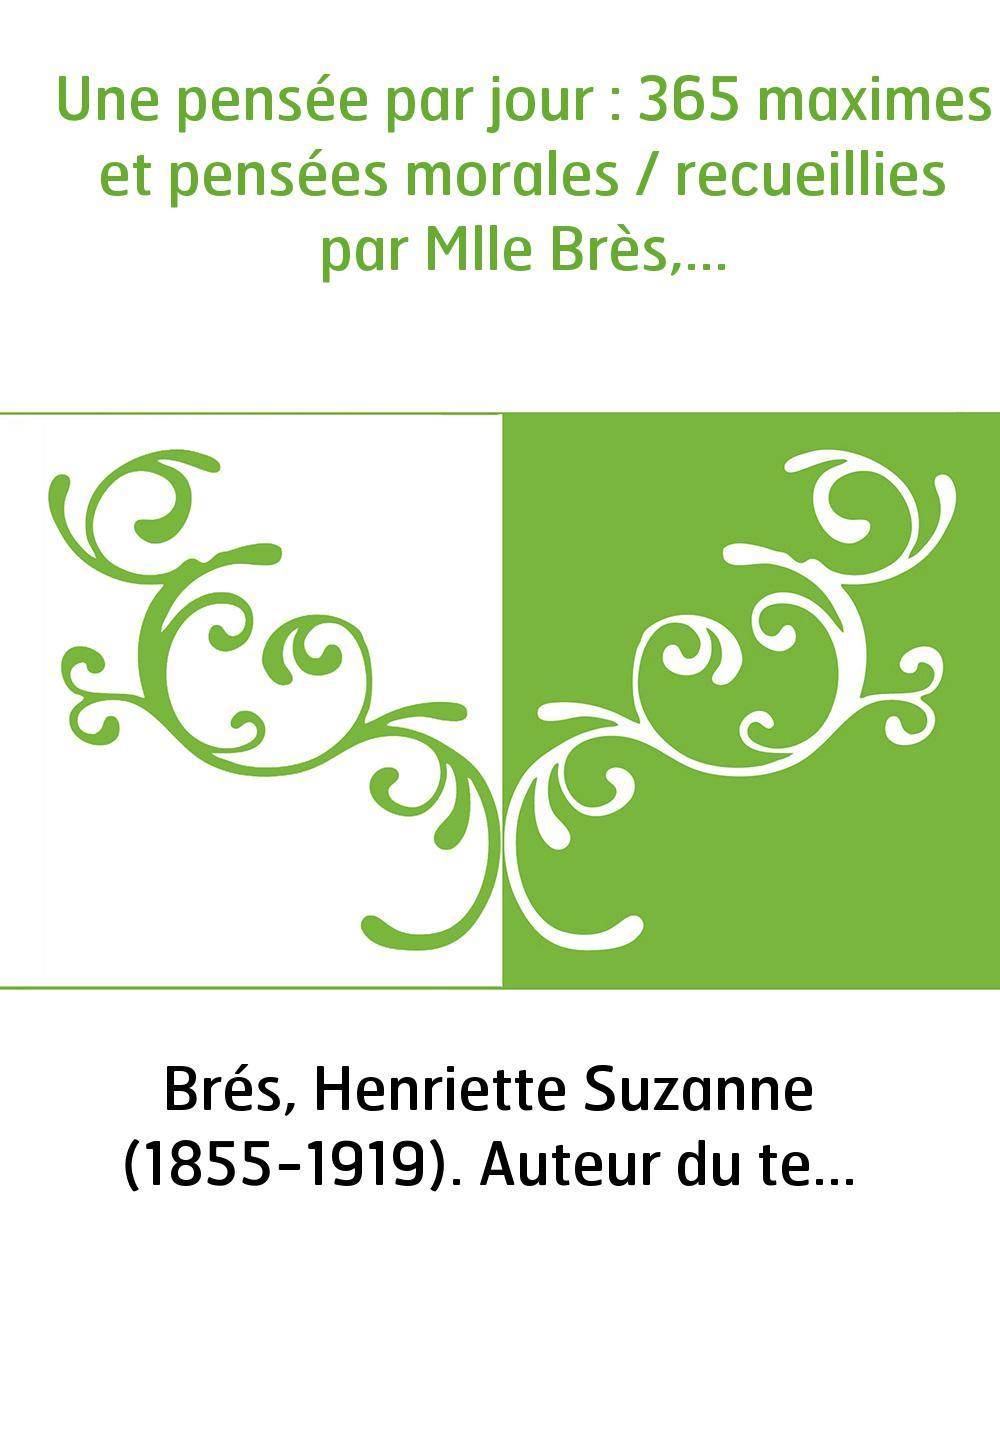 Une pensée par jour : 365 maximes et pensées morales / recueillies par Mlle Brès,...